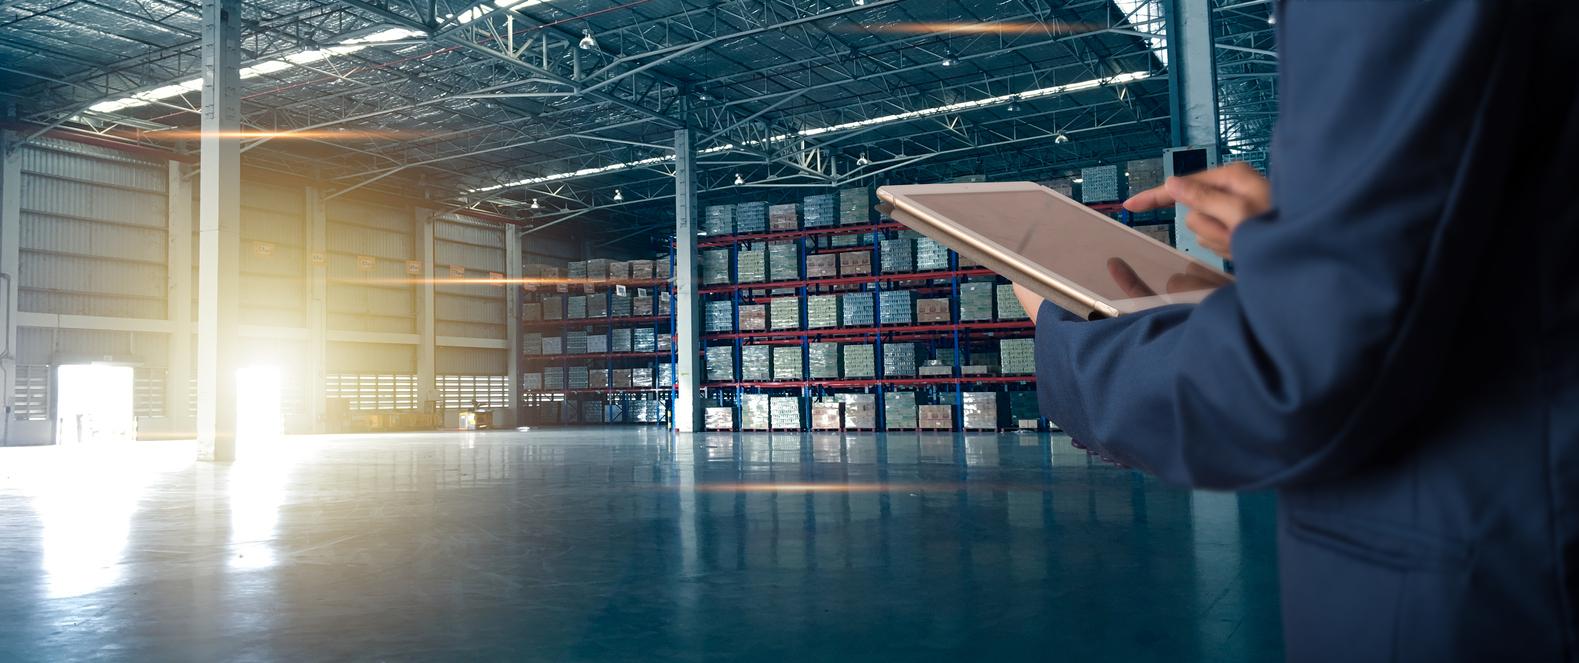 La importancia de la tecnología en el transporte logístico